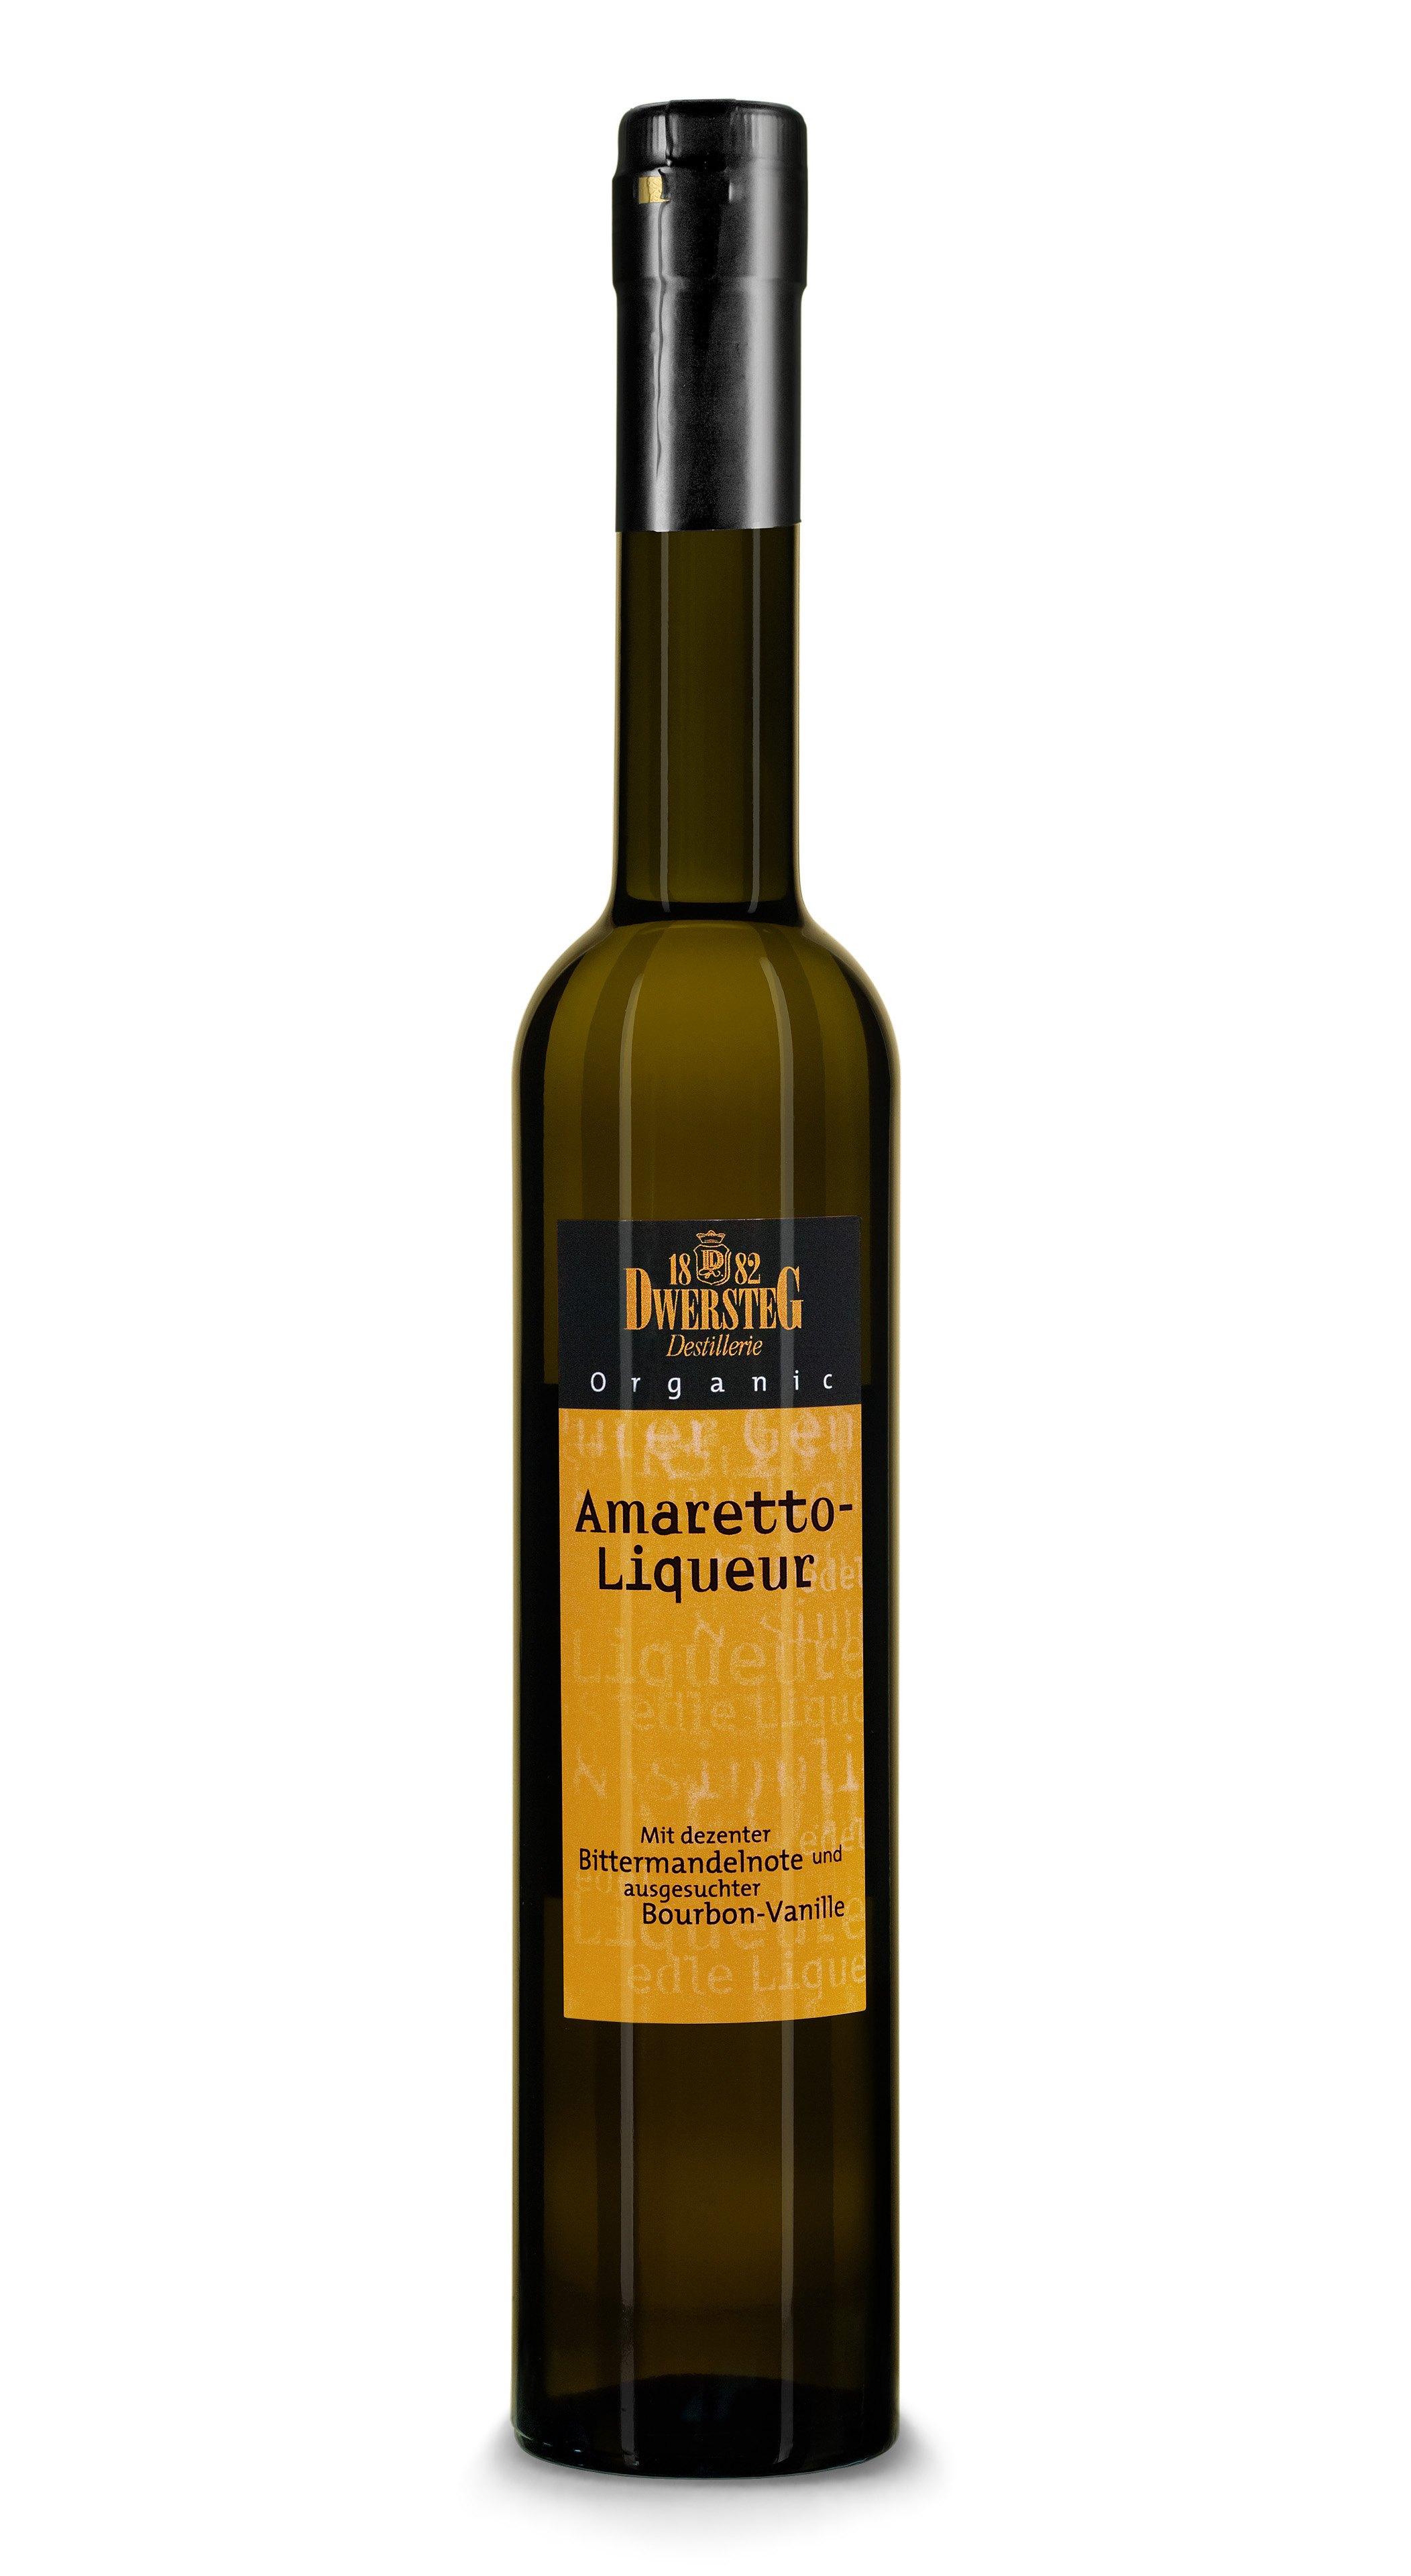 Dwersteg Amaretto Liqueur Bio 0 5 l für 16 90 € kaufen bei Dr